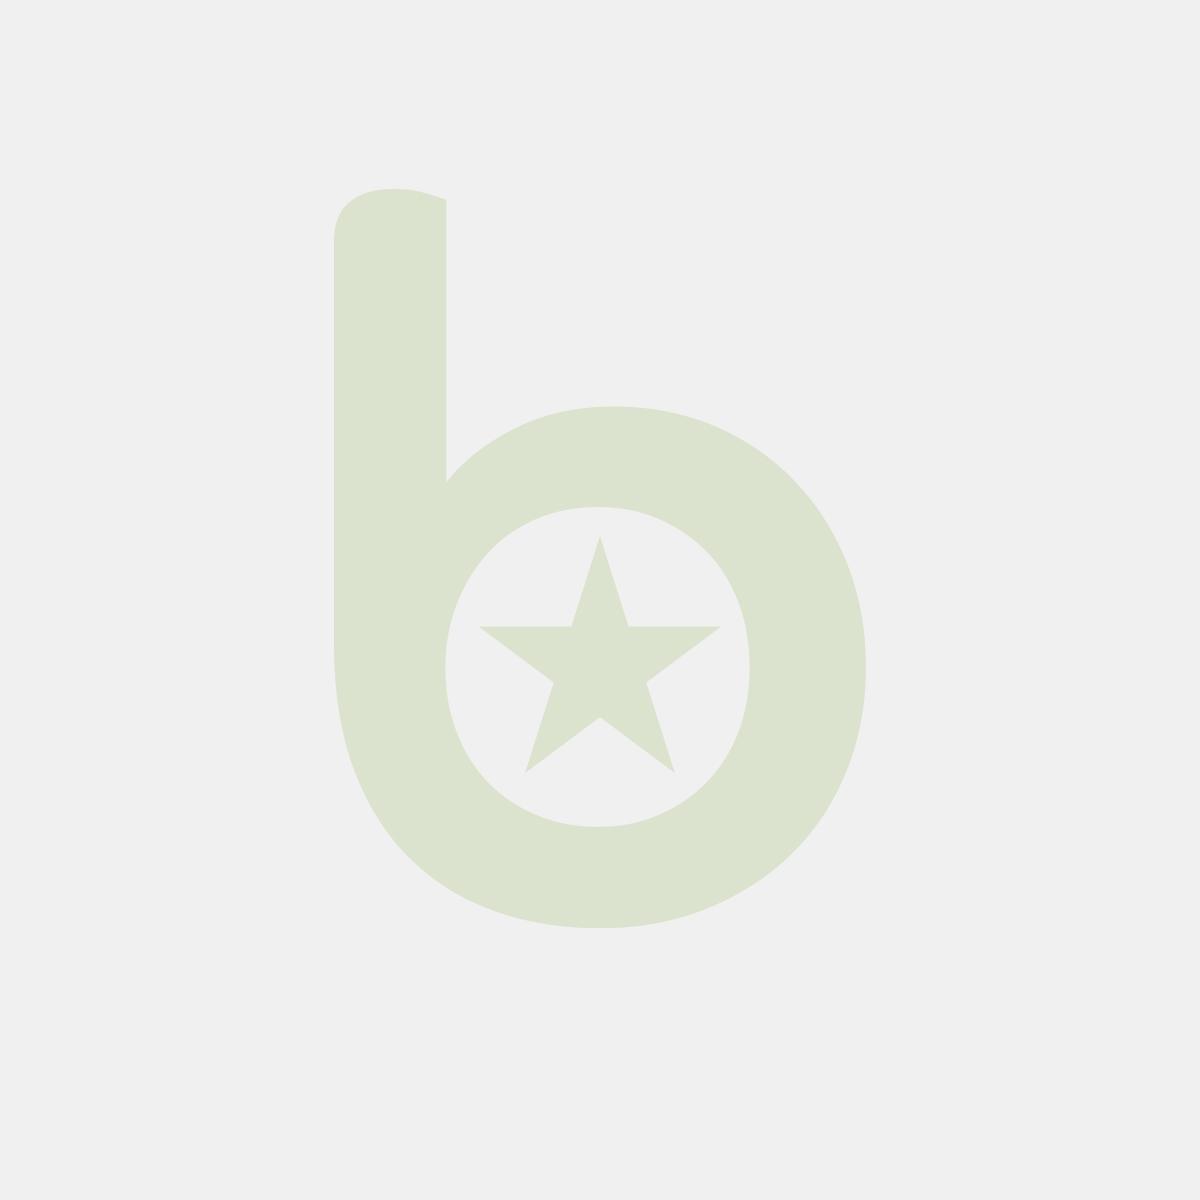 Kubki dwuwarstwowe karbowane 300ml NATURAL ECO opakowanie 25szt